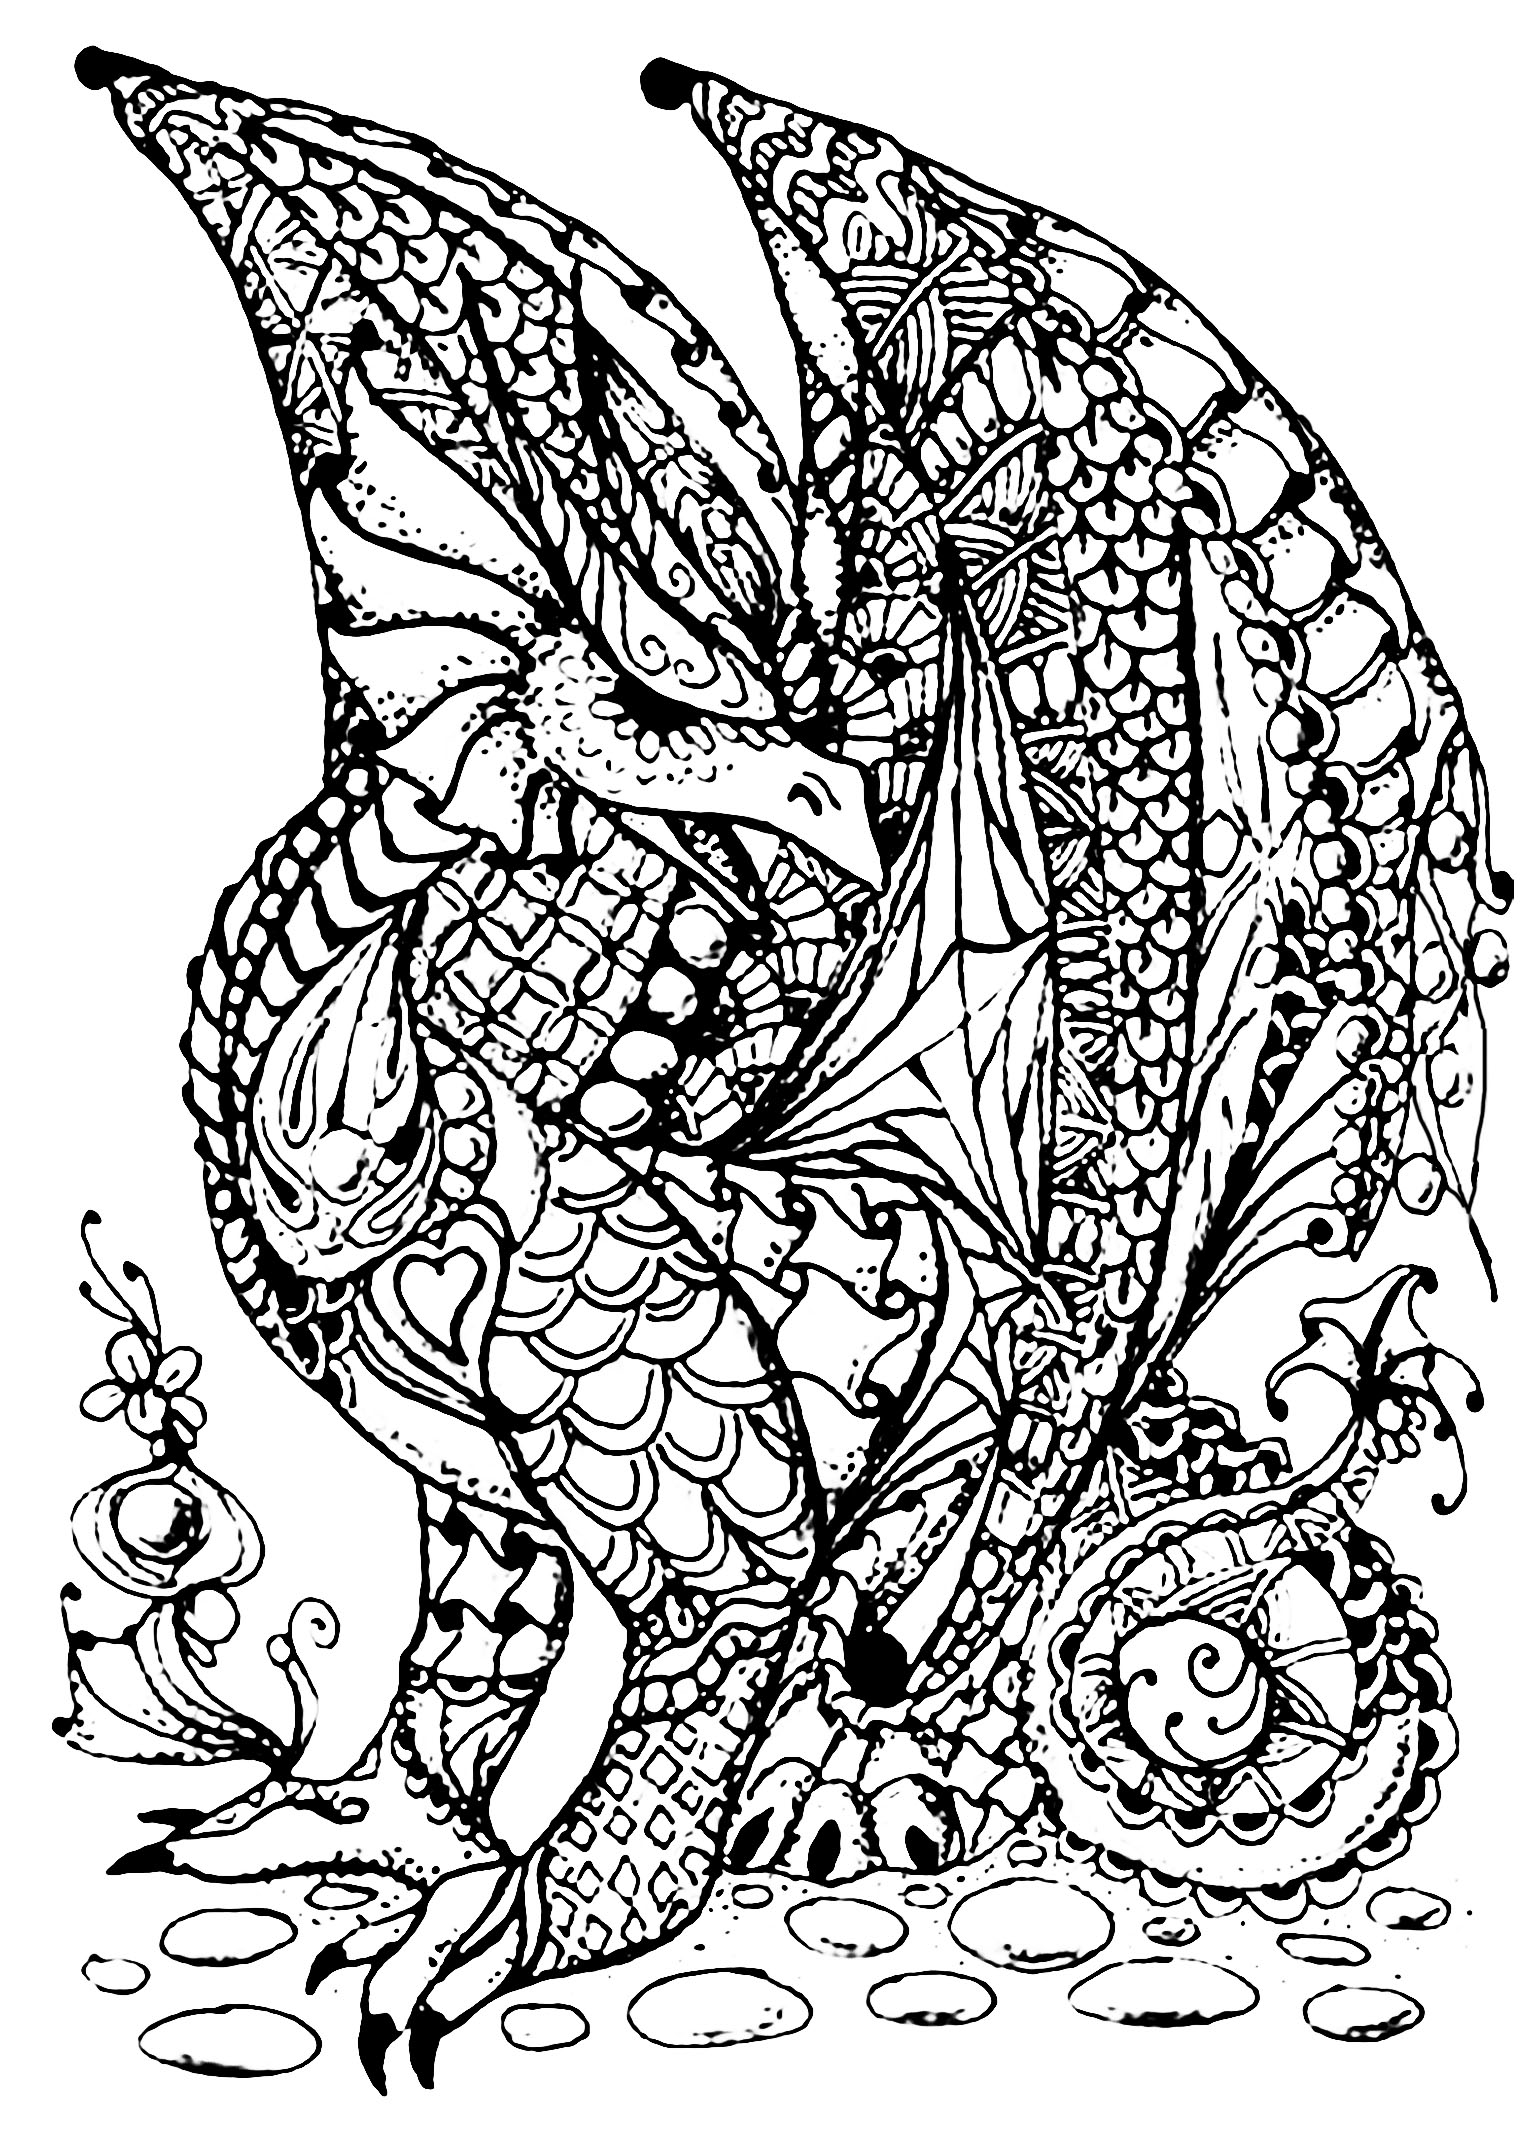 Drachen 63128 - Drachen - Malbuch Fur Erwachsene